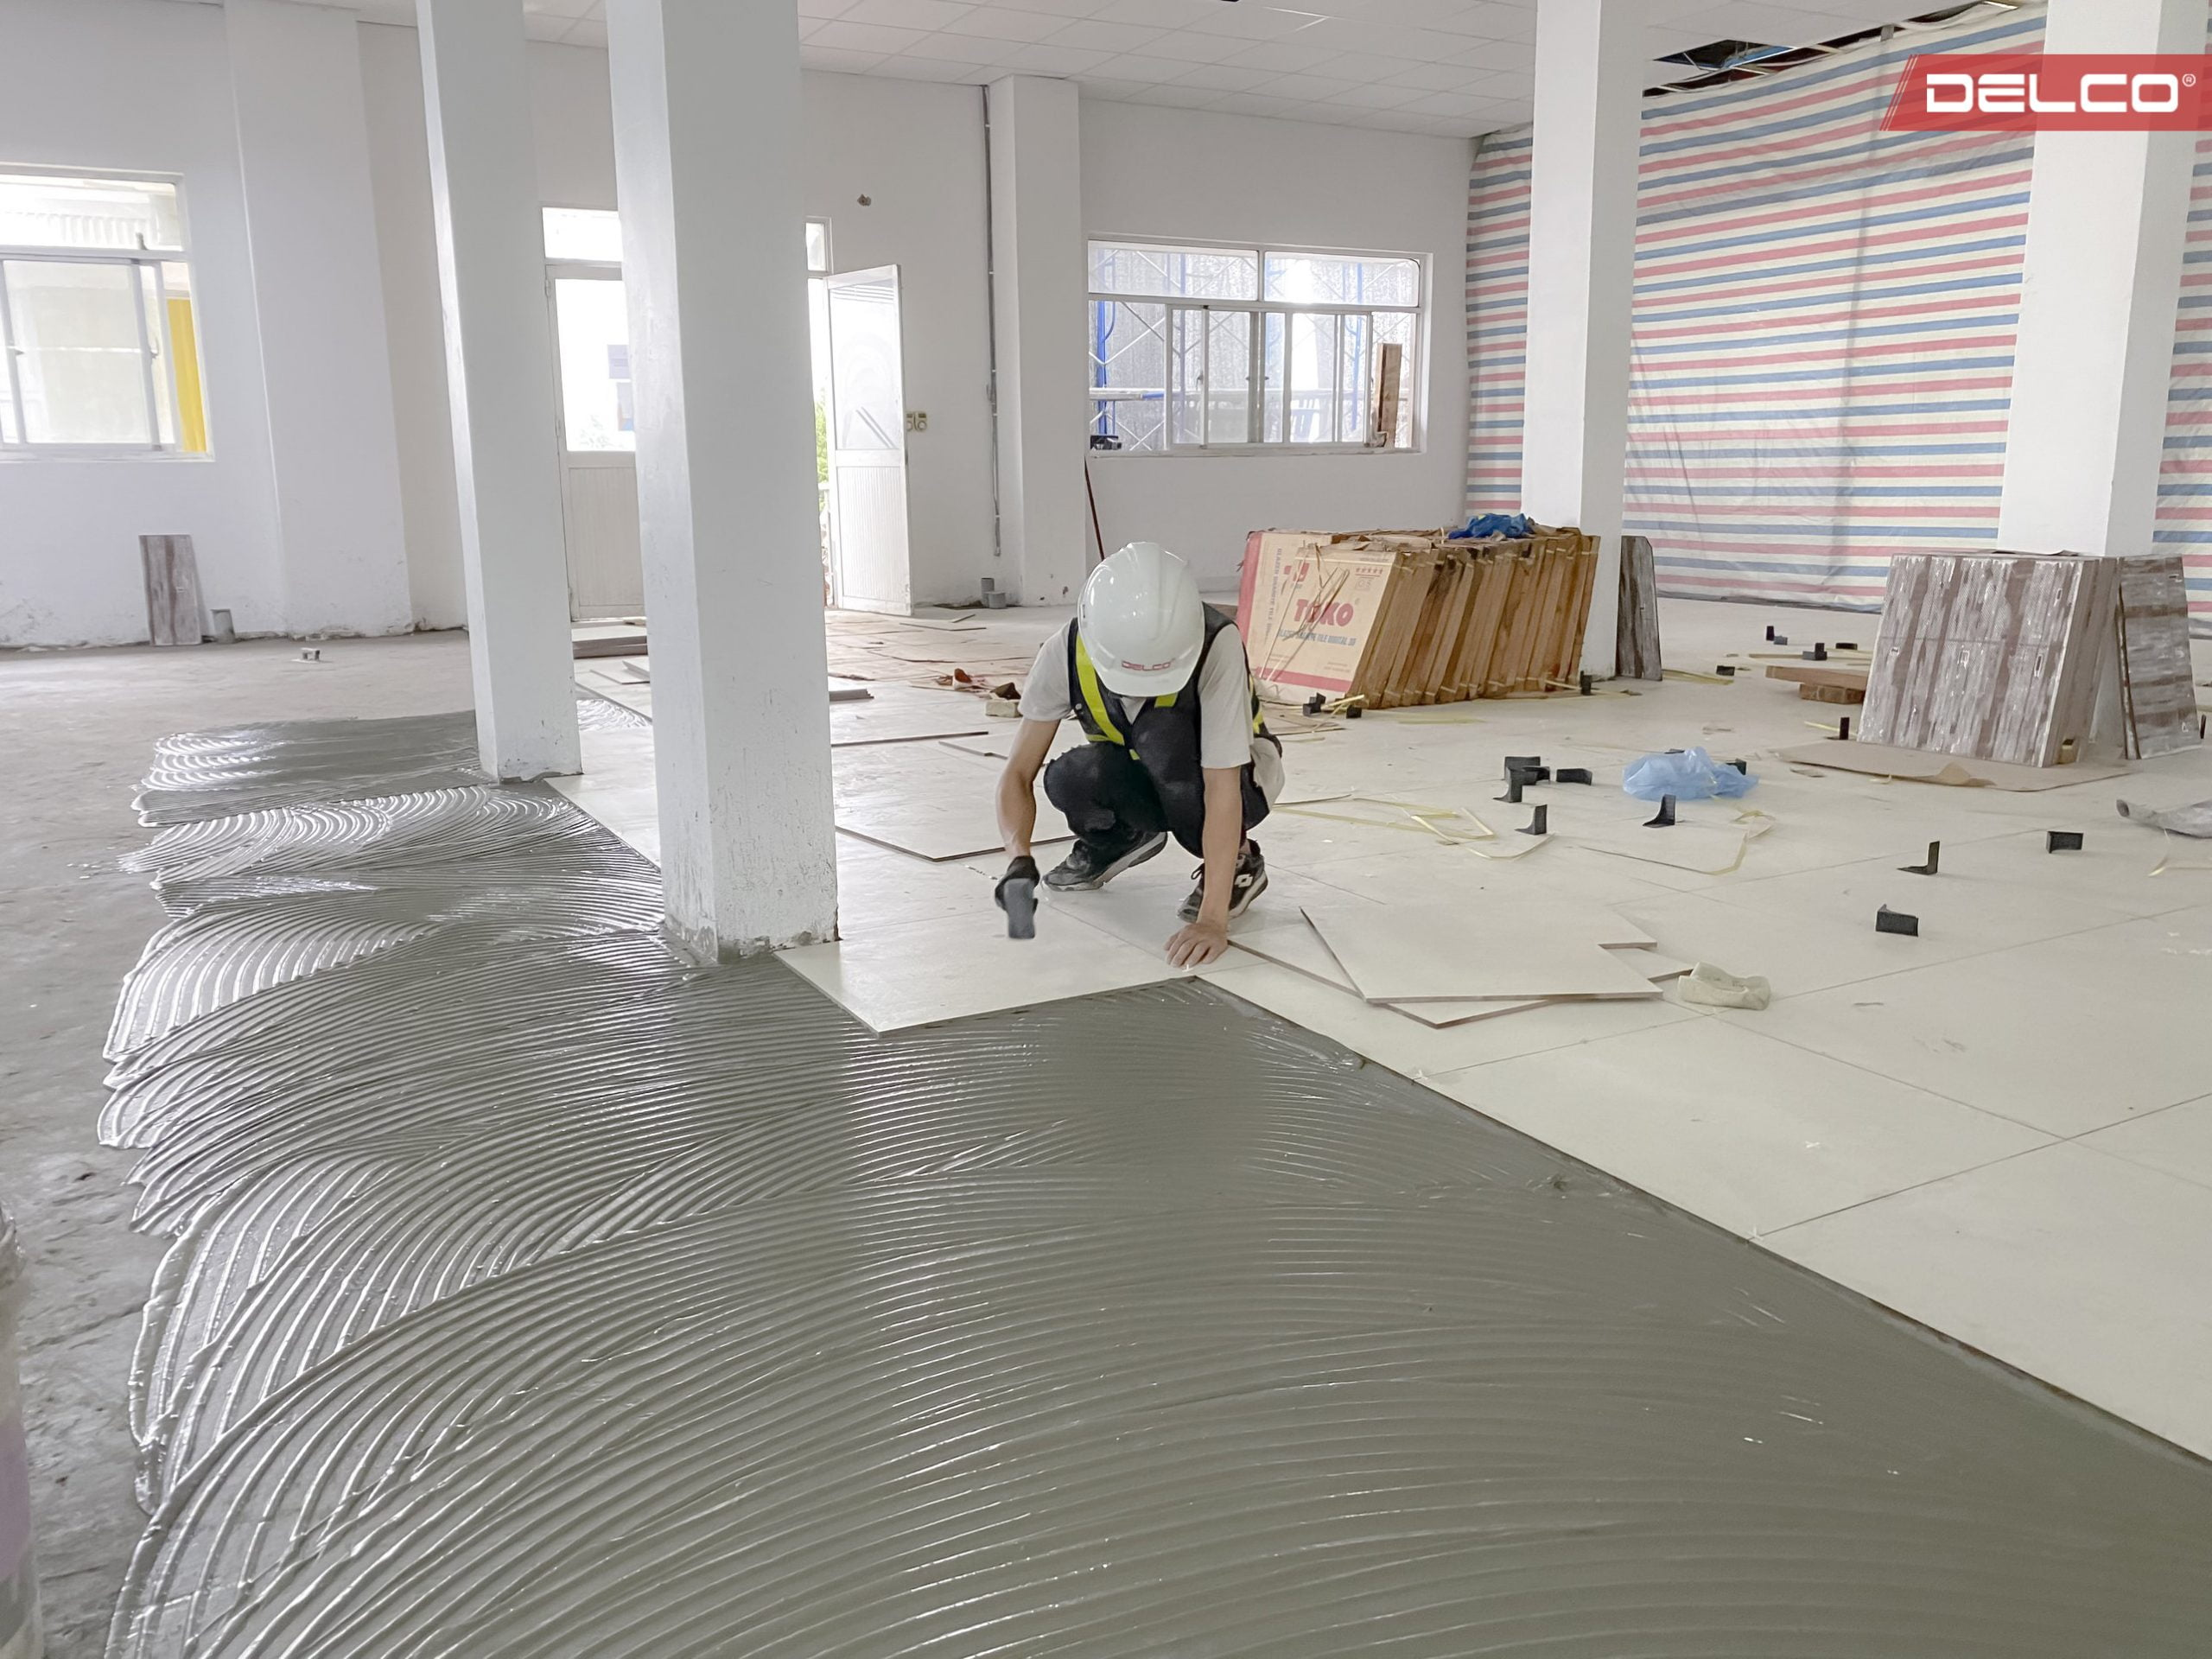 Floor tiling work